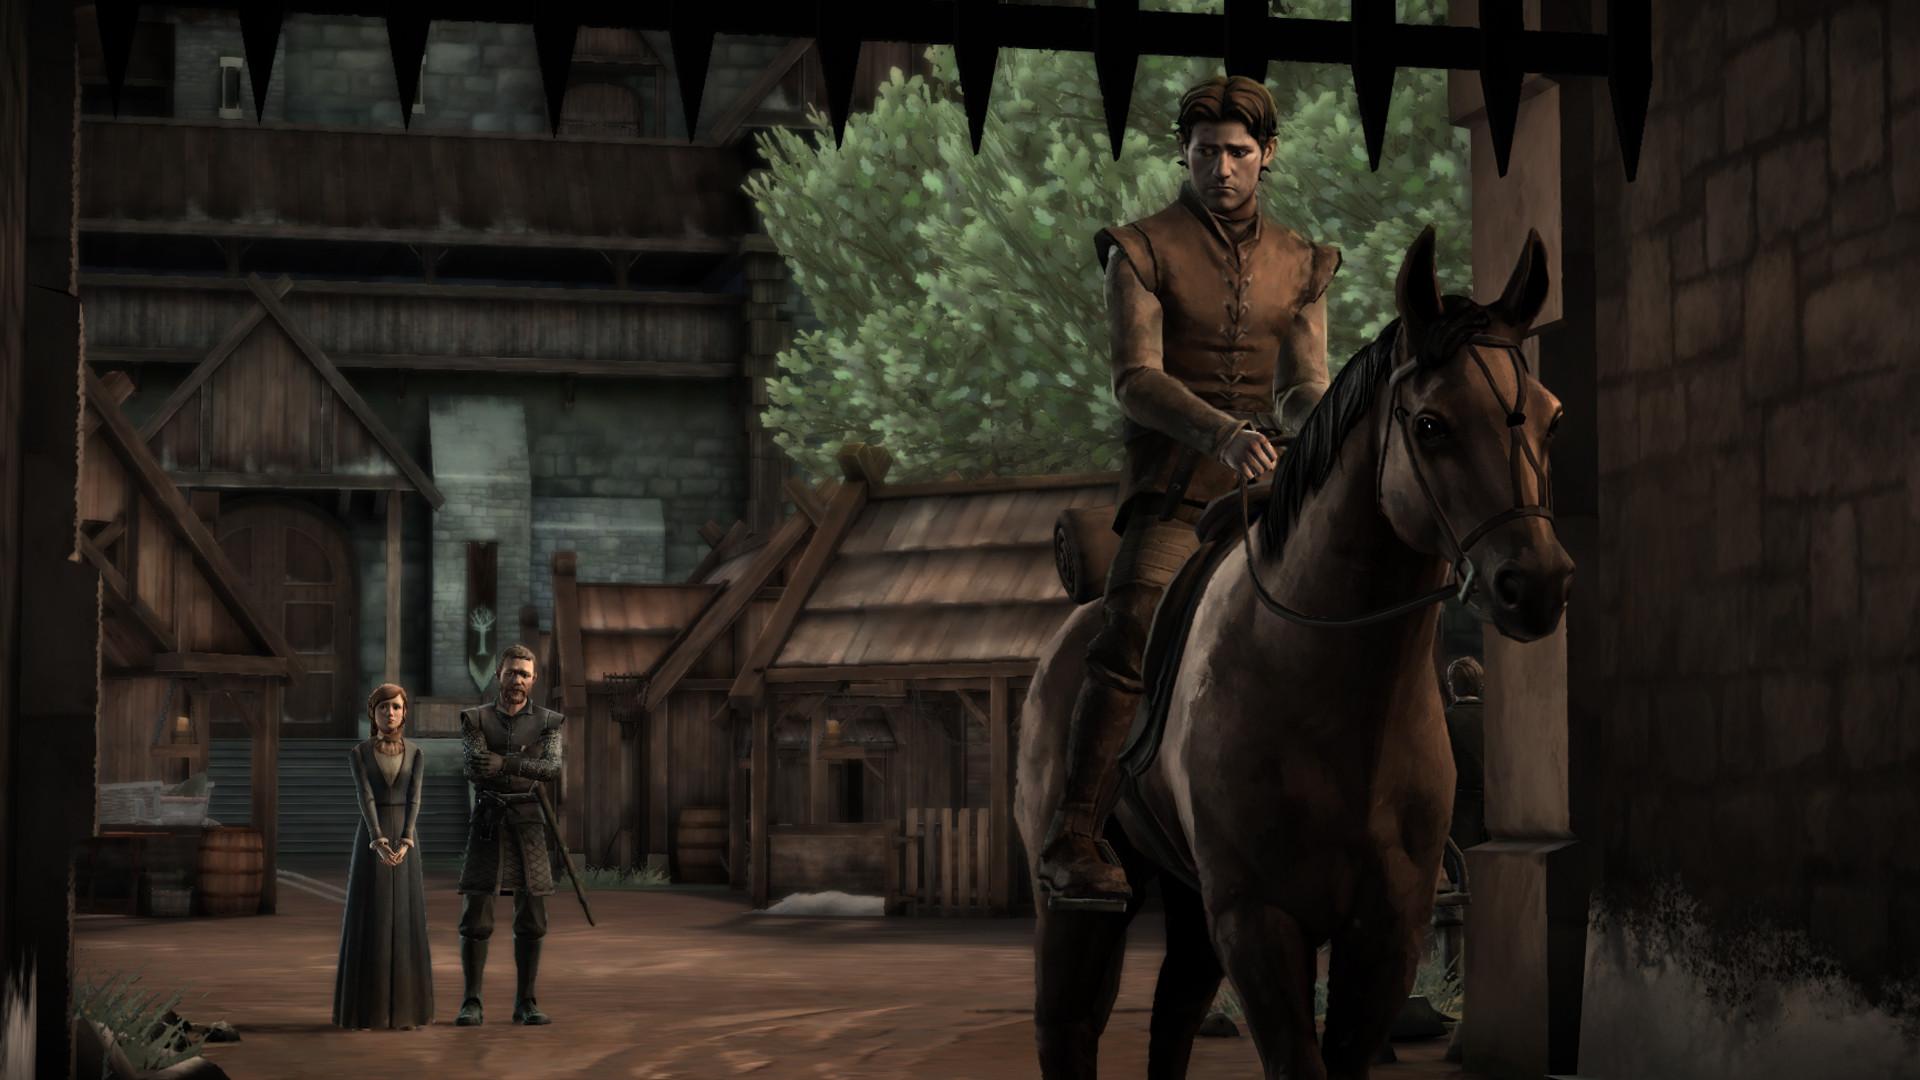 Второй скриншот Game of Thrones: Episodes 1-6